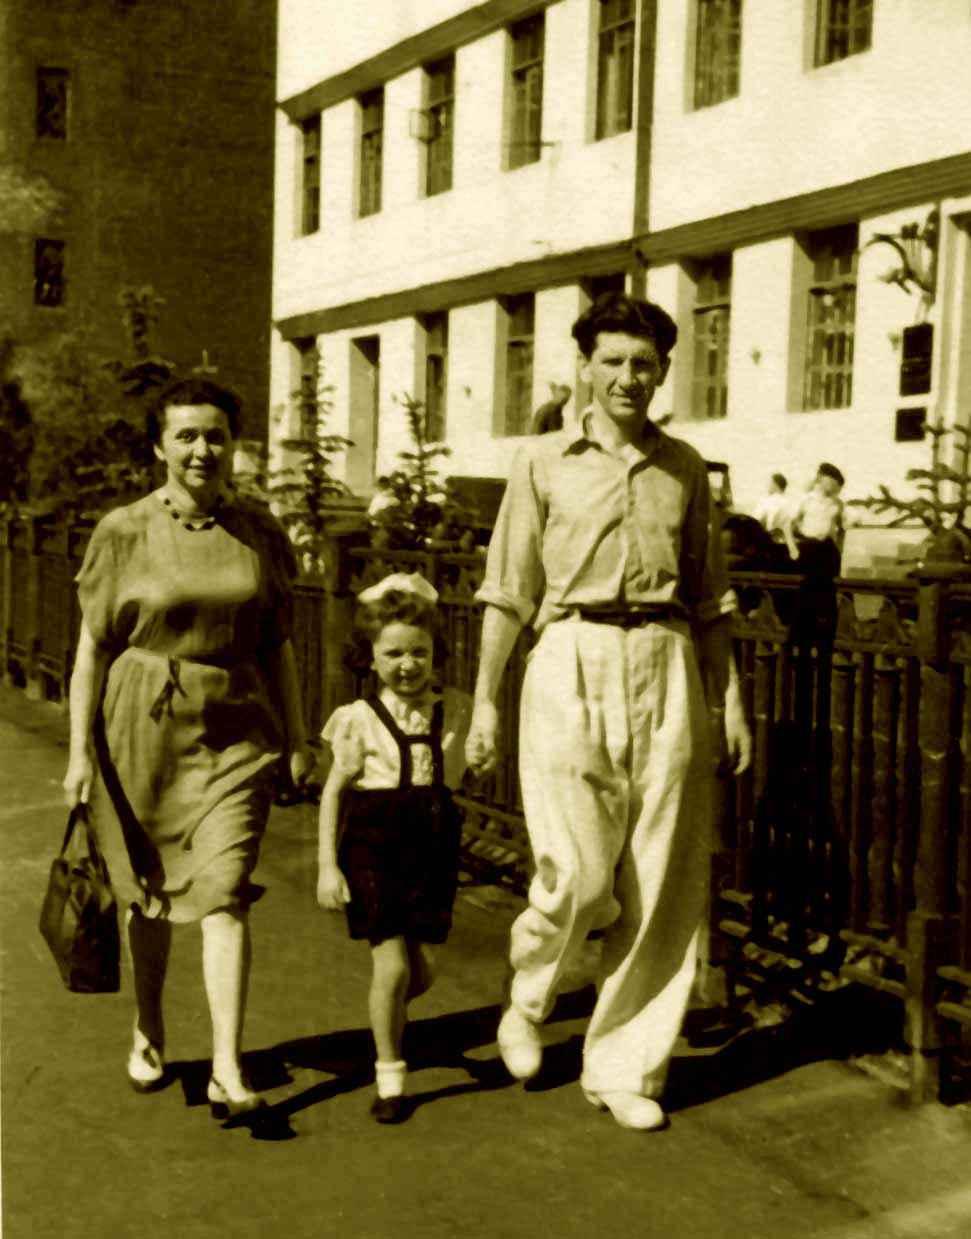 Экспонат #11. С женой Ниной и дочерью Татьяной в Лиховом переулке. 1946-1947 гг.